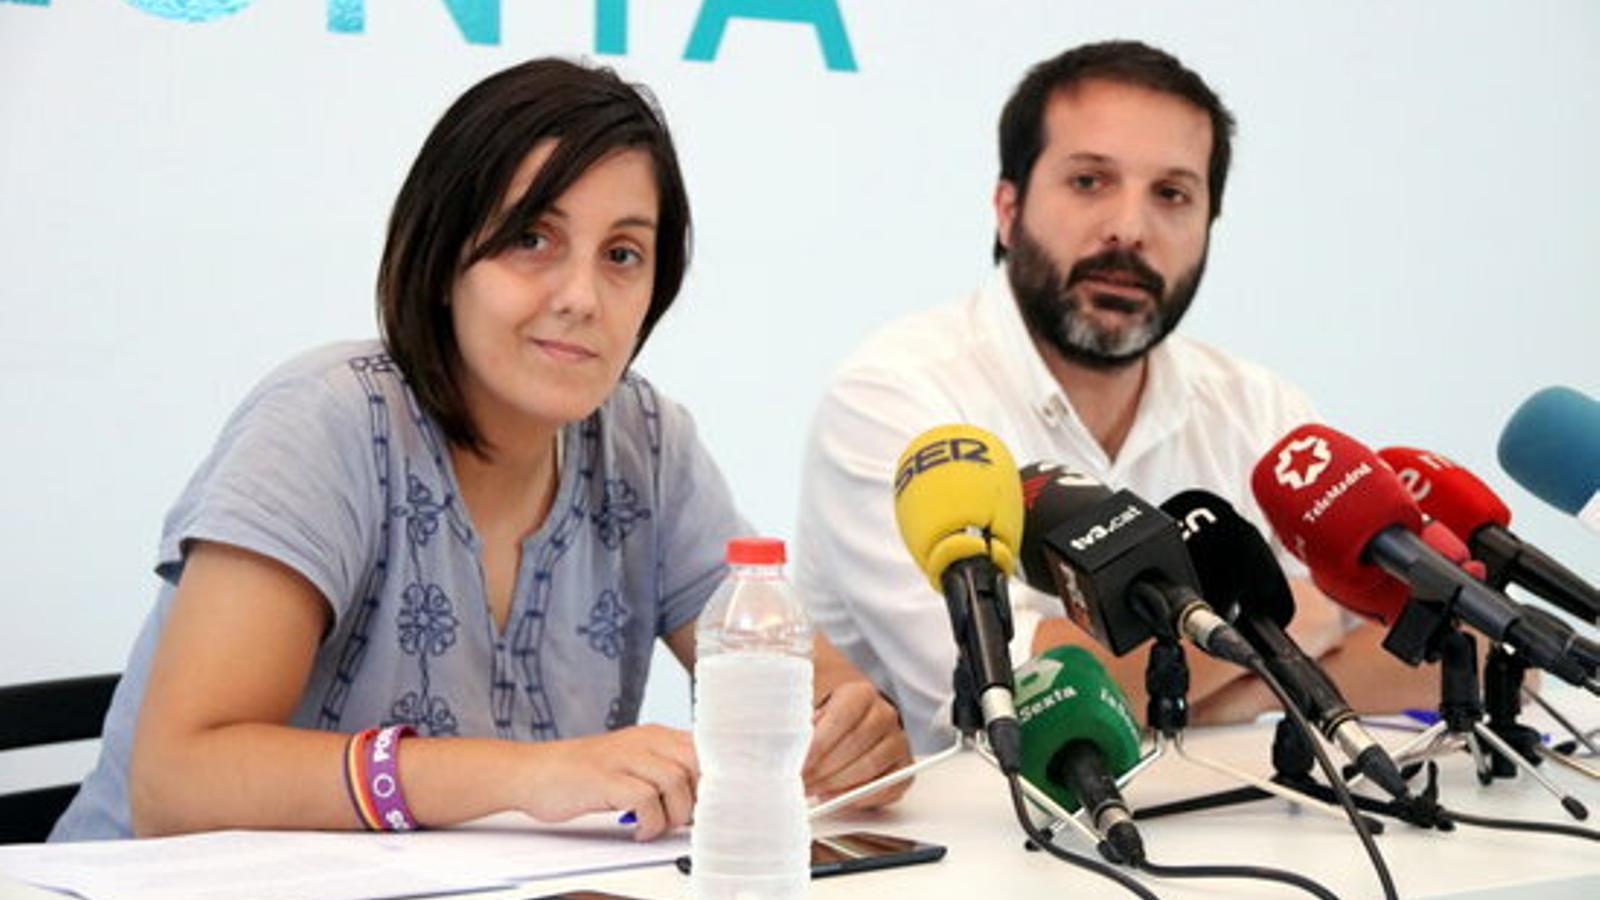 La diputada Conchi Abellán es presentarà a les primàries de Podem Catalunya per les llistes al Parlament